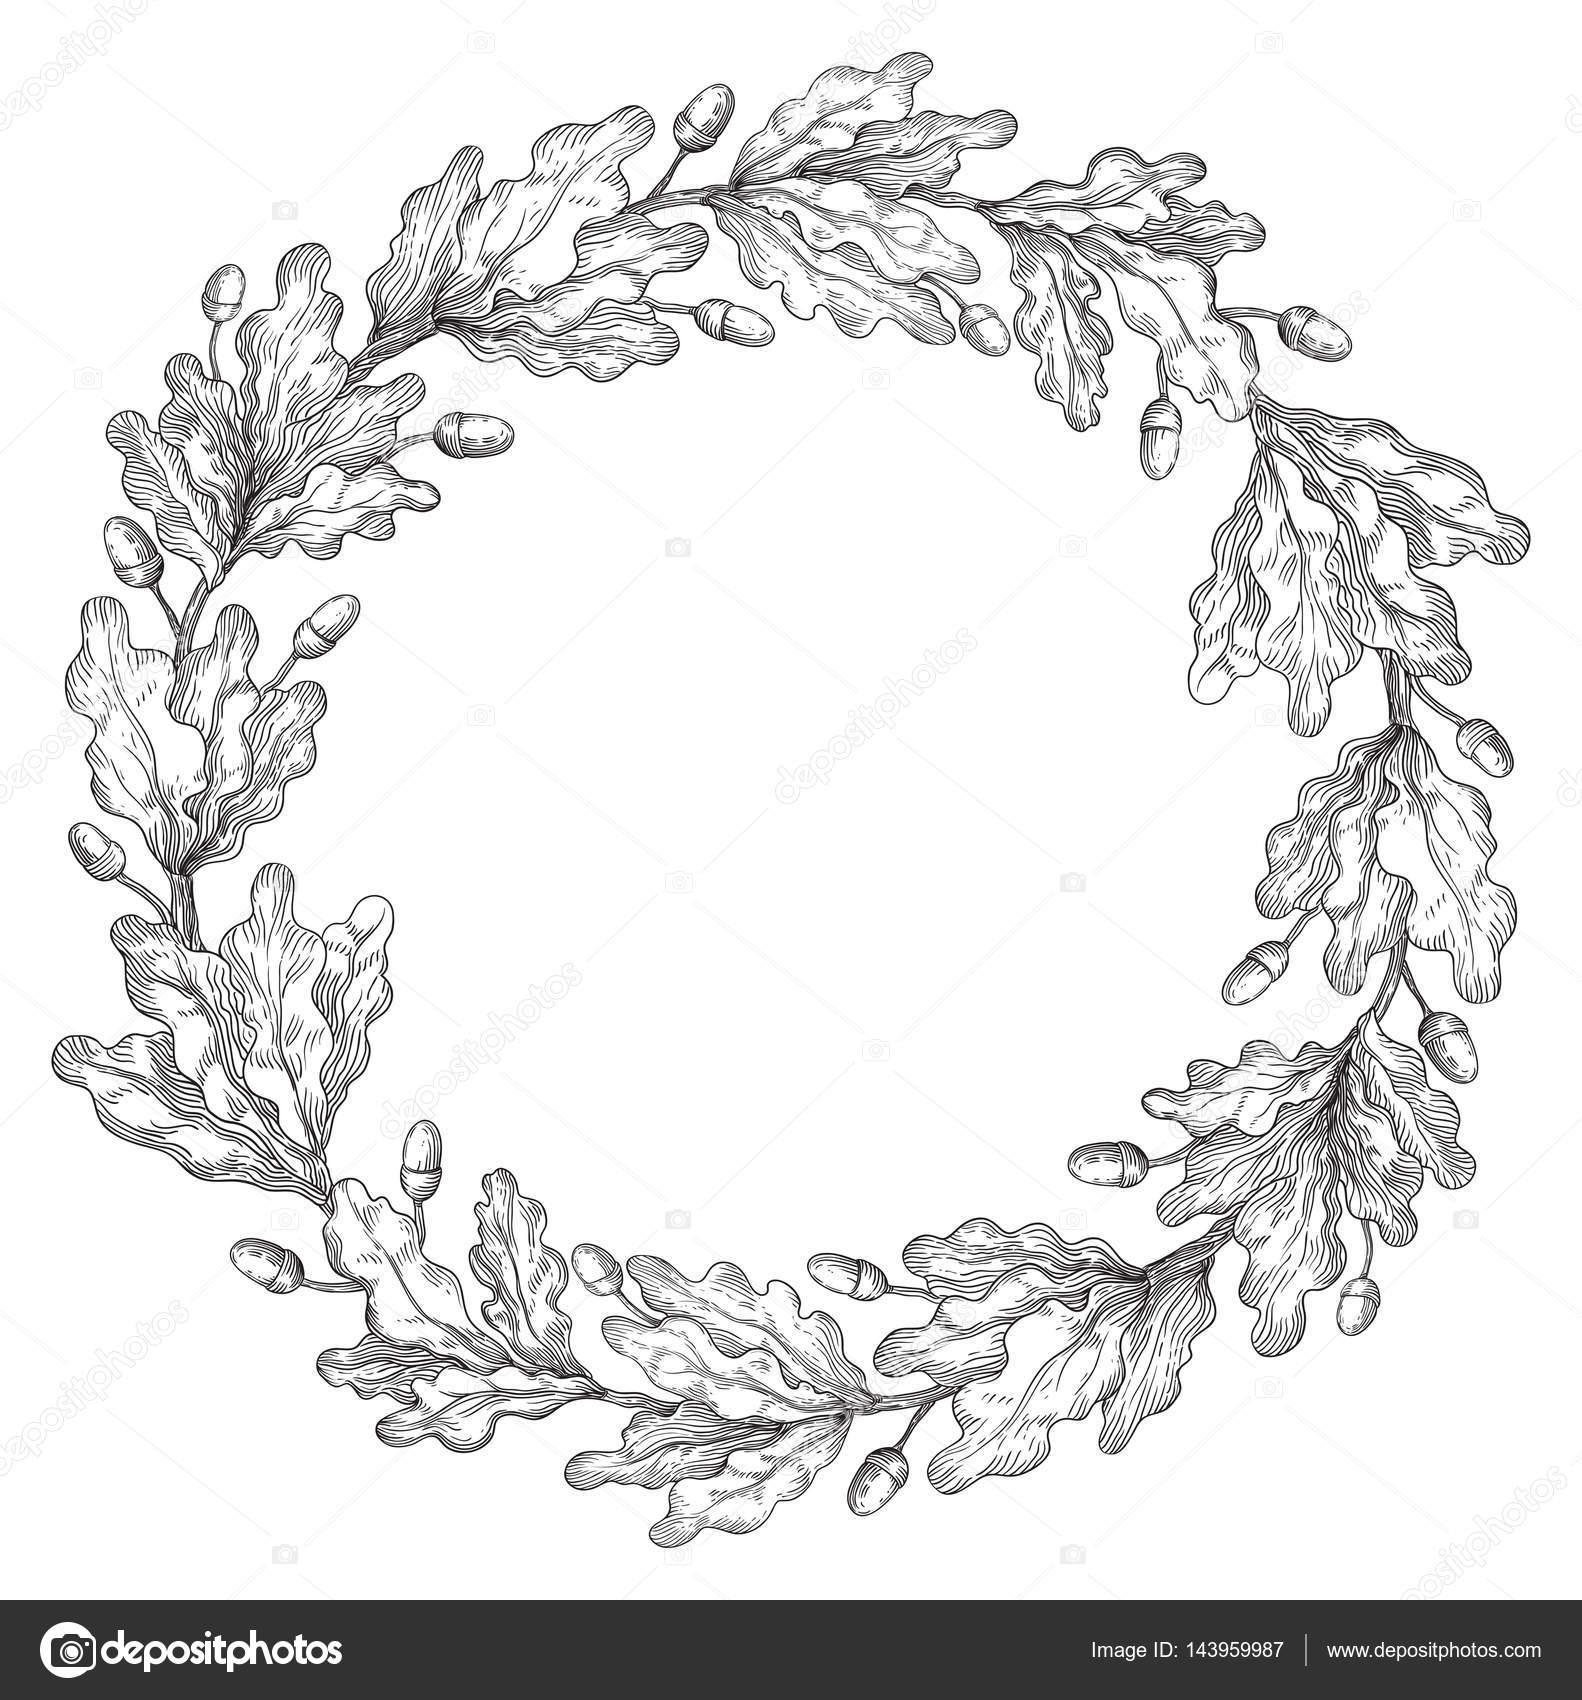 橡树花环框架 — 图库矢量图像08 song_mi